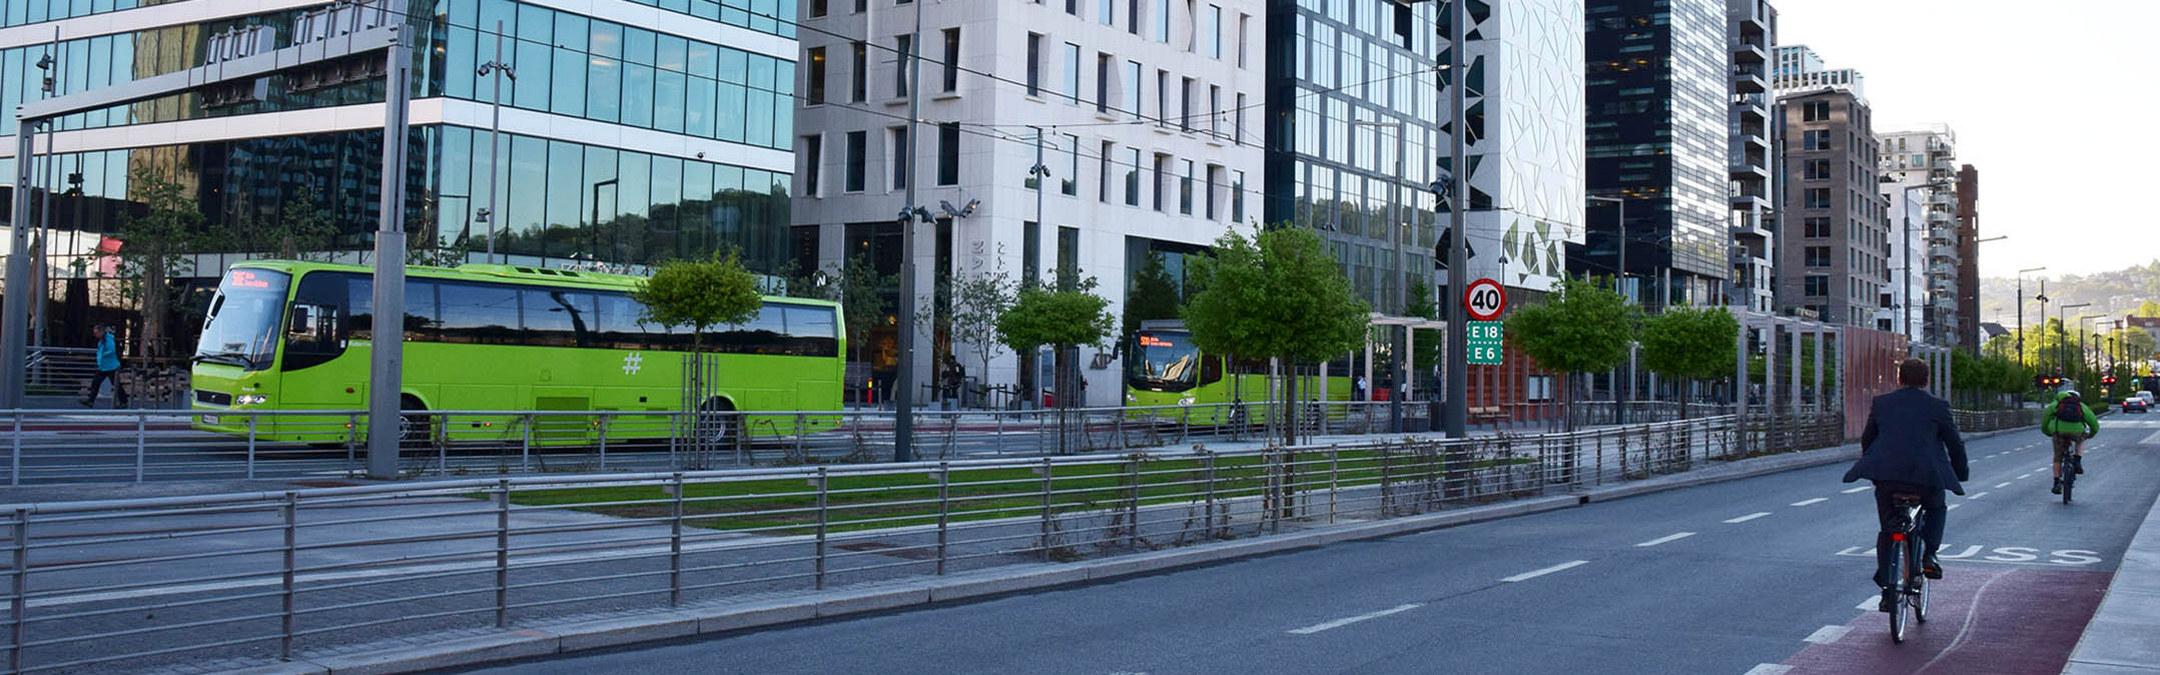 Buss og sykkelist i gate med høye bygg. Foto